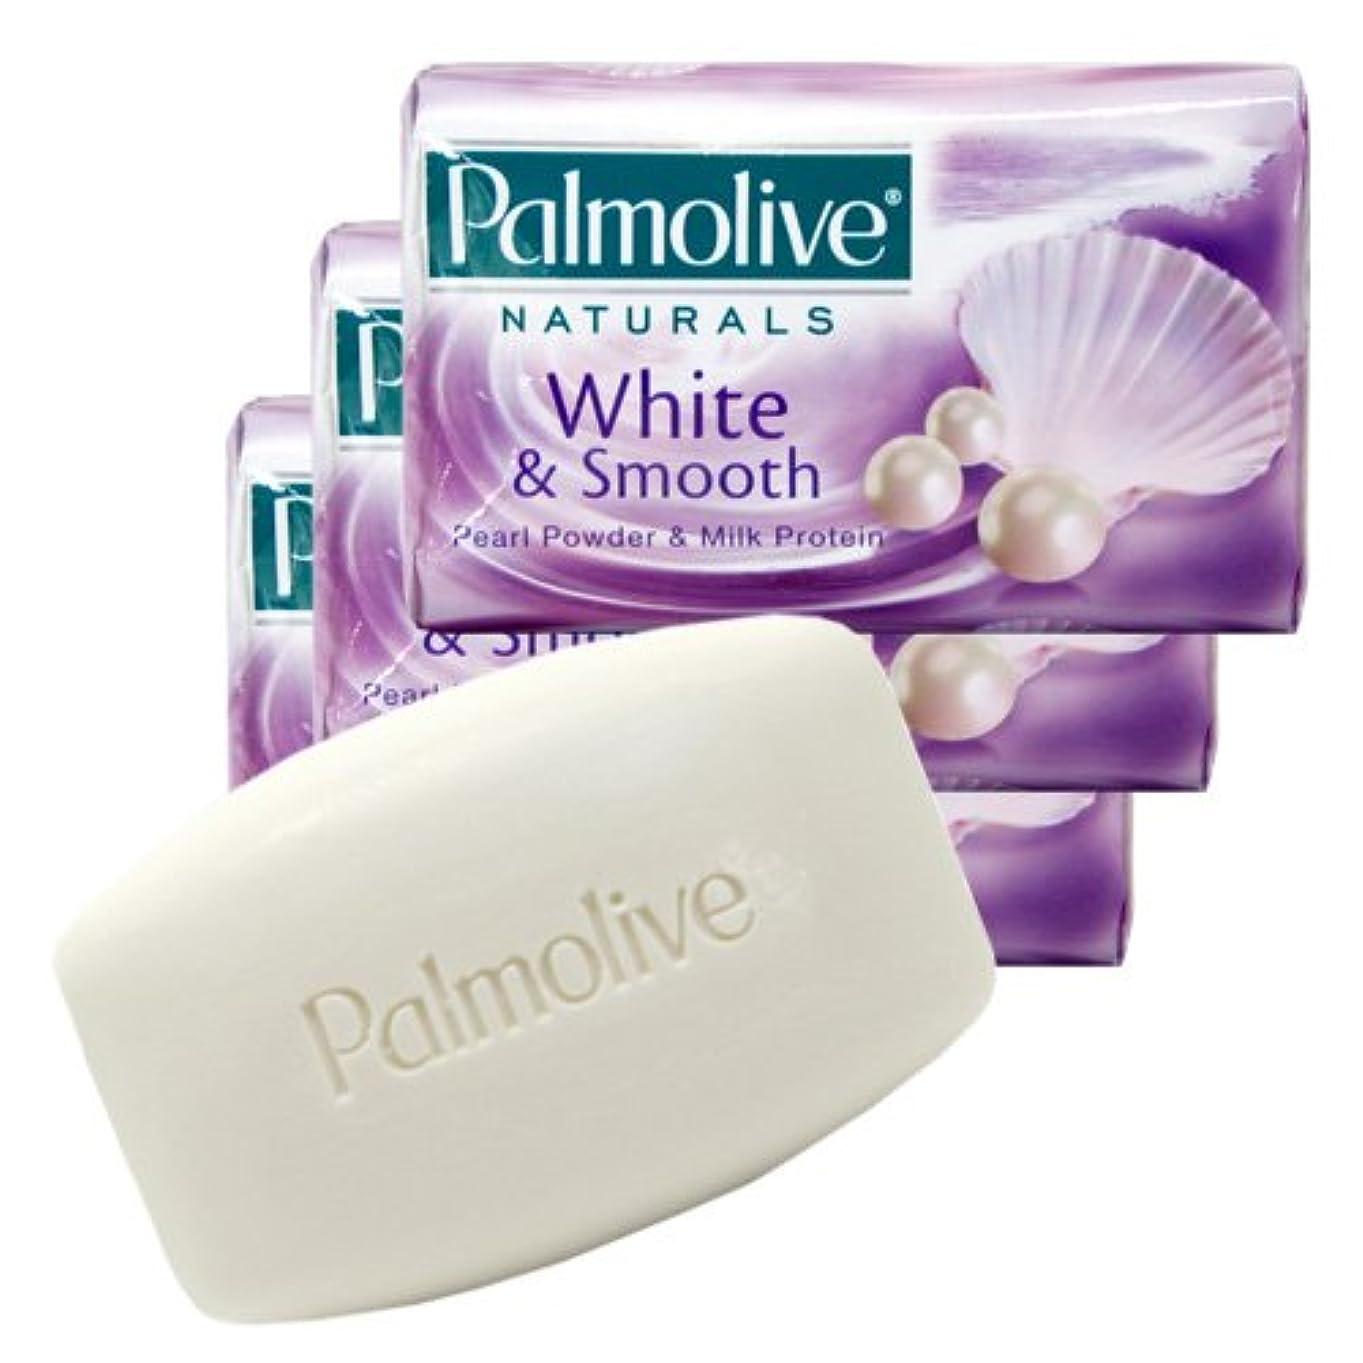 イライラするインチ排気【Palmolive】パルモリーブ ナチュラルズ石鹸3個パック ホワイト&スムース(パールパウダー&ミルクプロテイン)80g×3